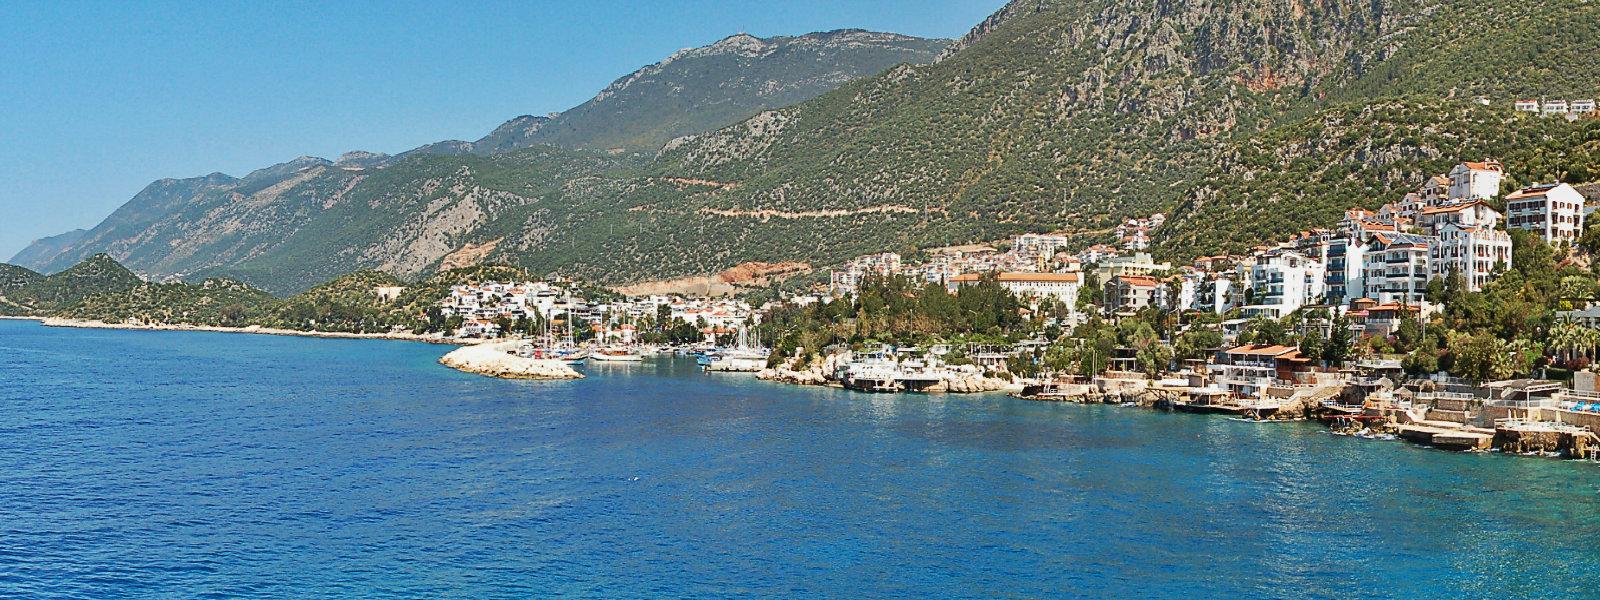 Kas: das verlorene Paradies am Mittelmeer